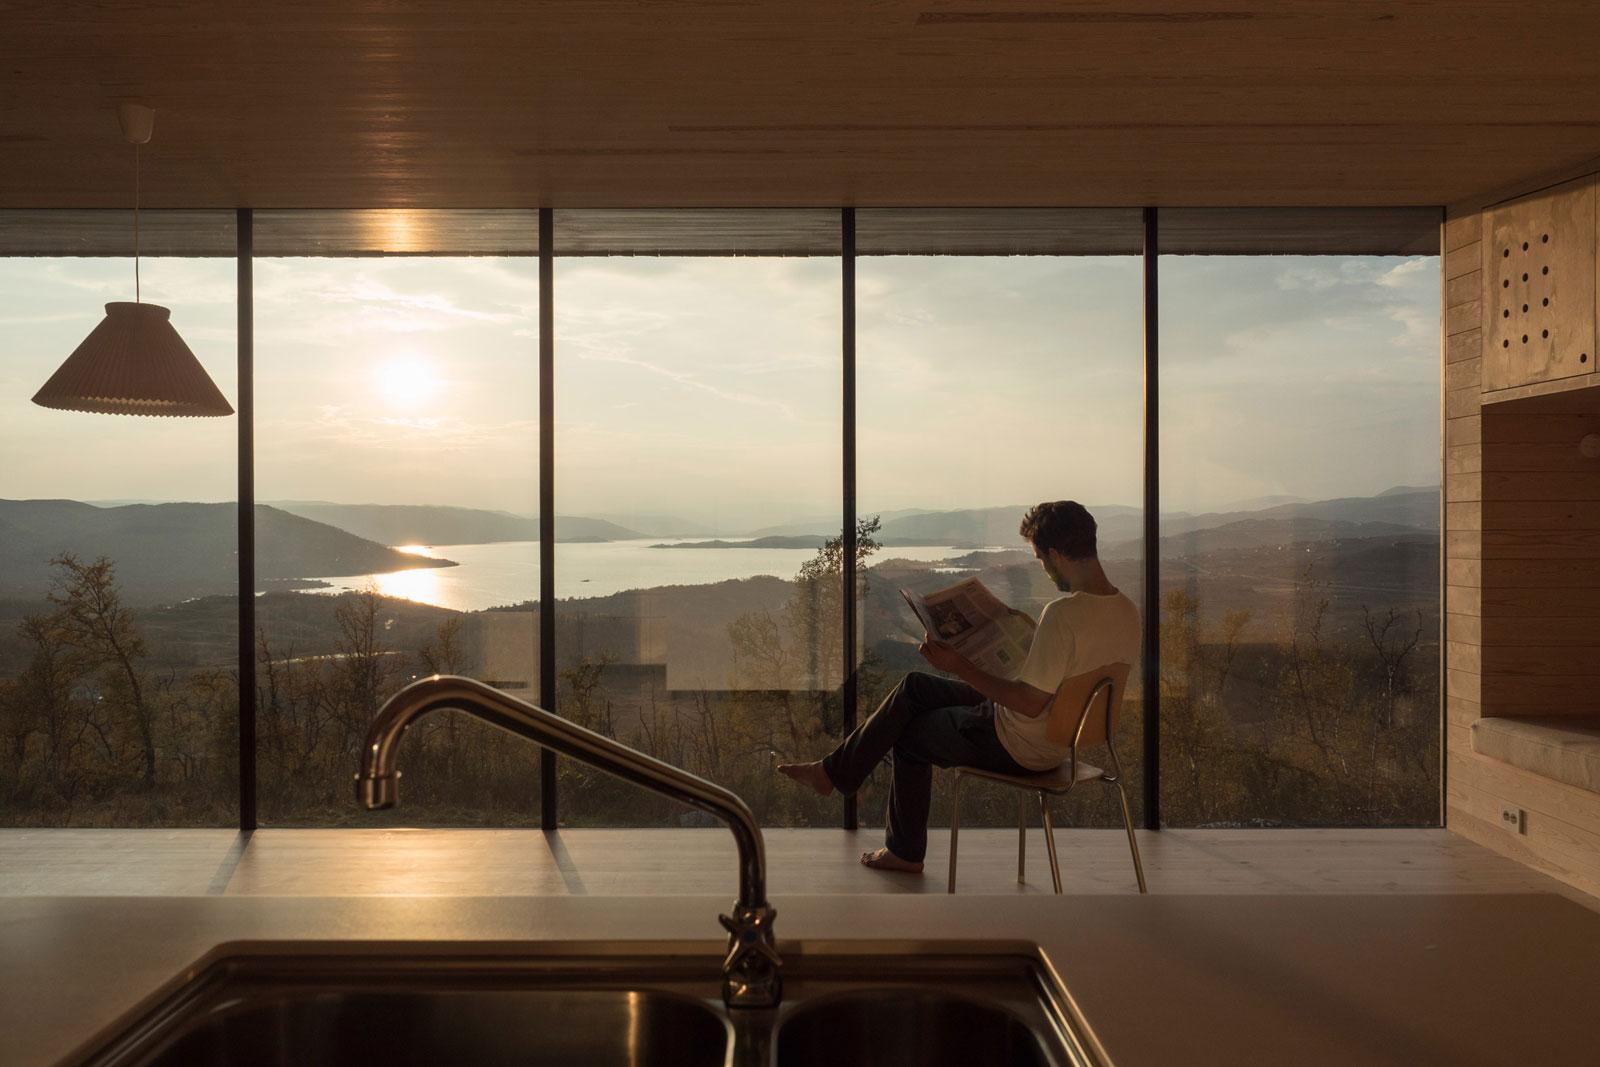 cabin-jon-danielsen-aarhus-architecture-residential-norway_dezeen_2364_col_20